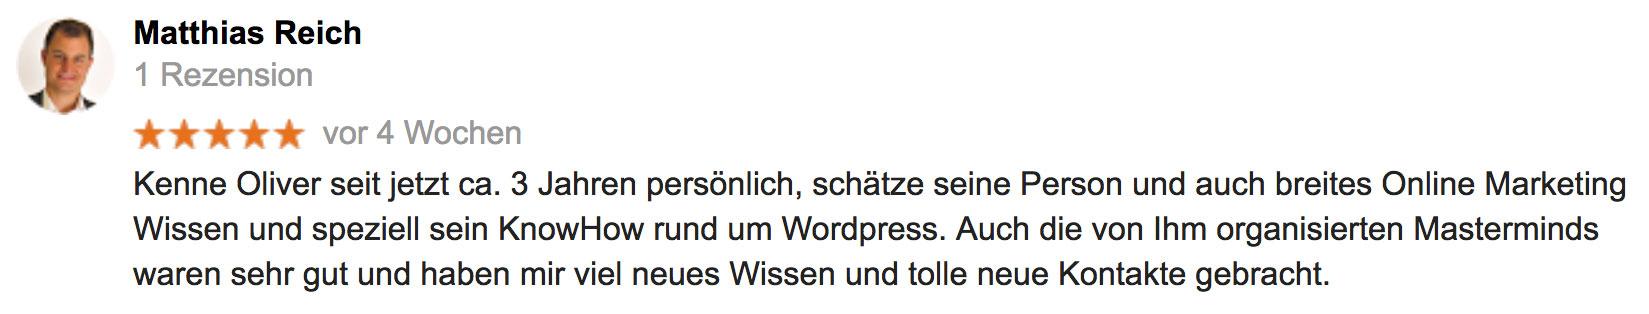 Kundenrezension von Matthias Reich